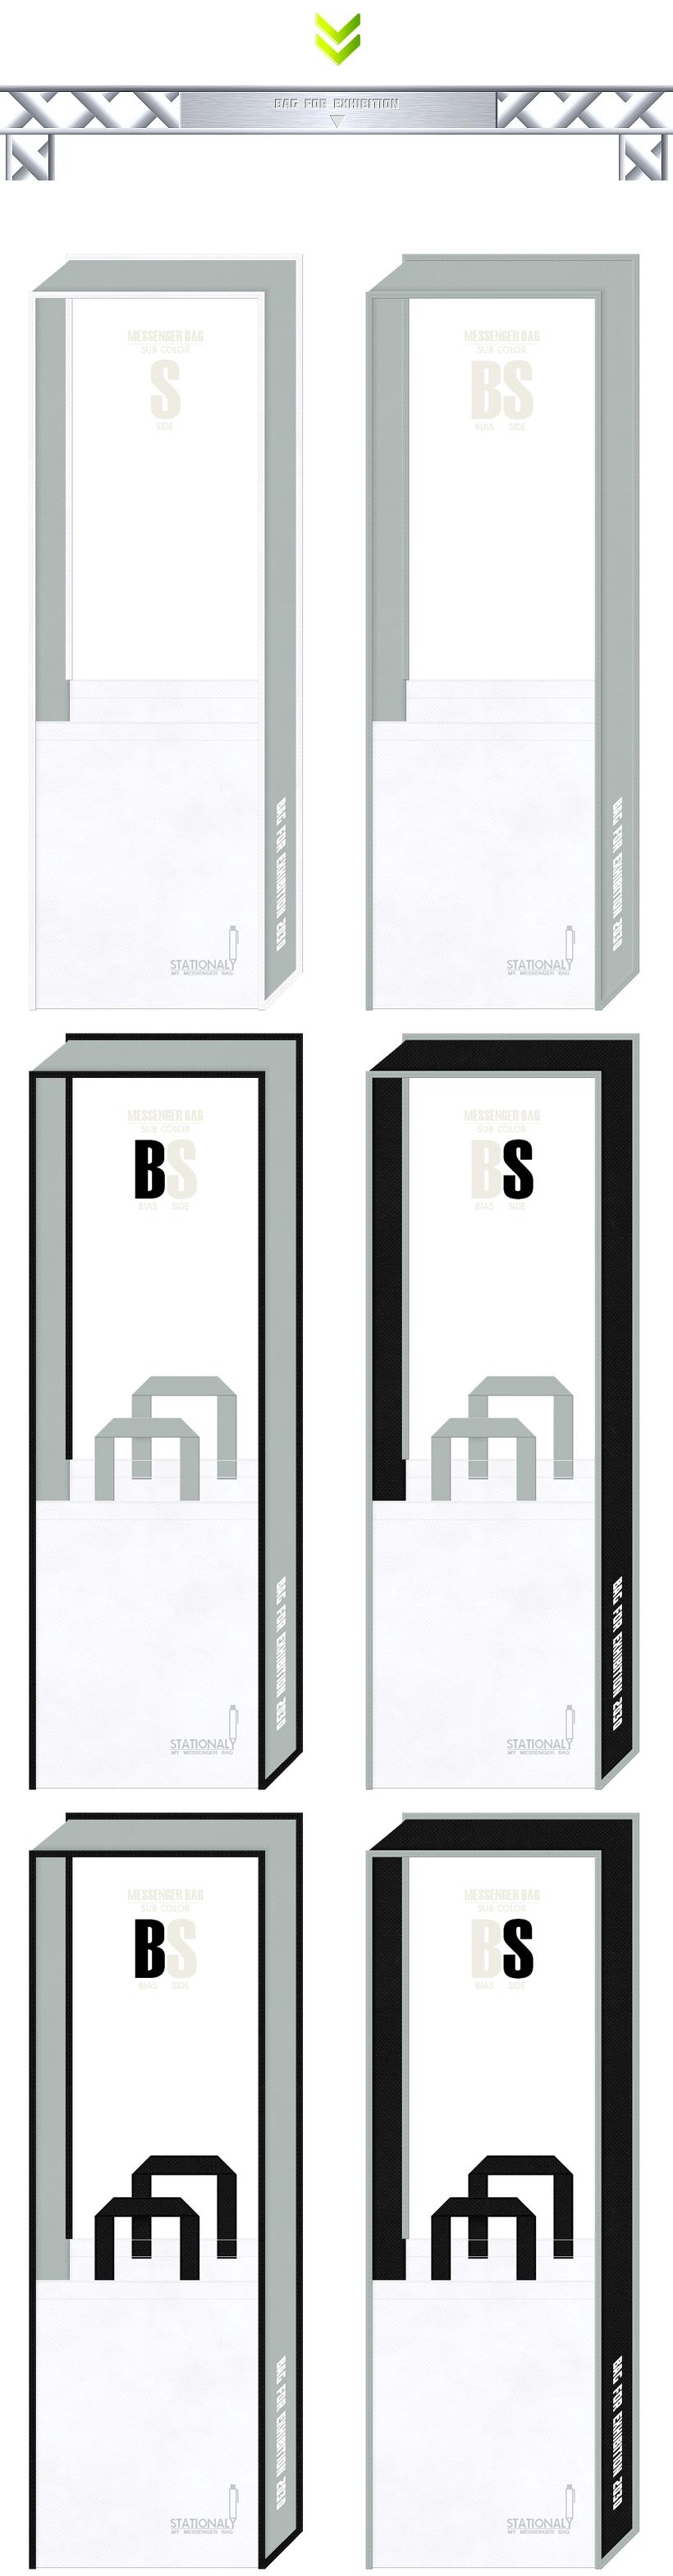 白色とグレー色をメインに使用した、不織布メッセンジャーバッグのカラーシミュレーション(機械・金属・文具):ステーショナリーの展示会用バッグ